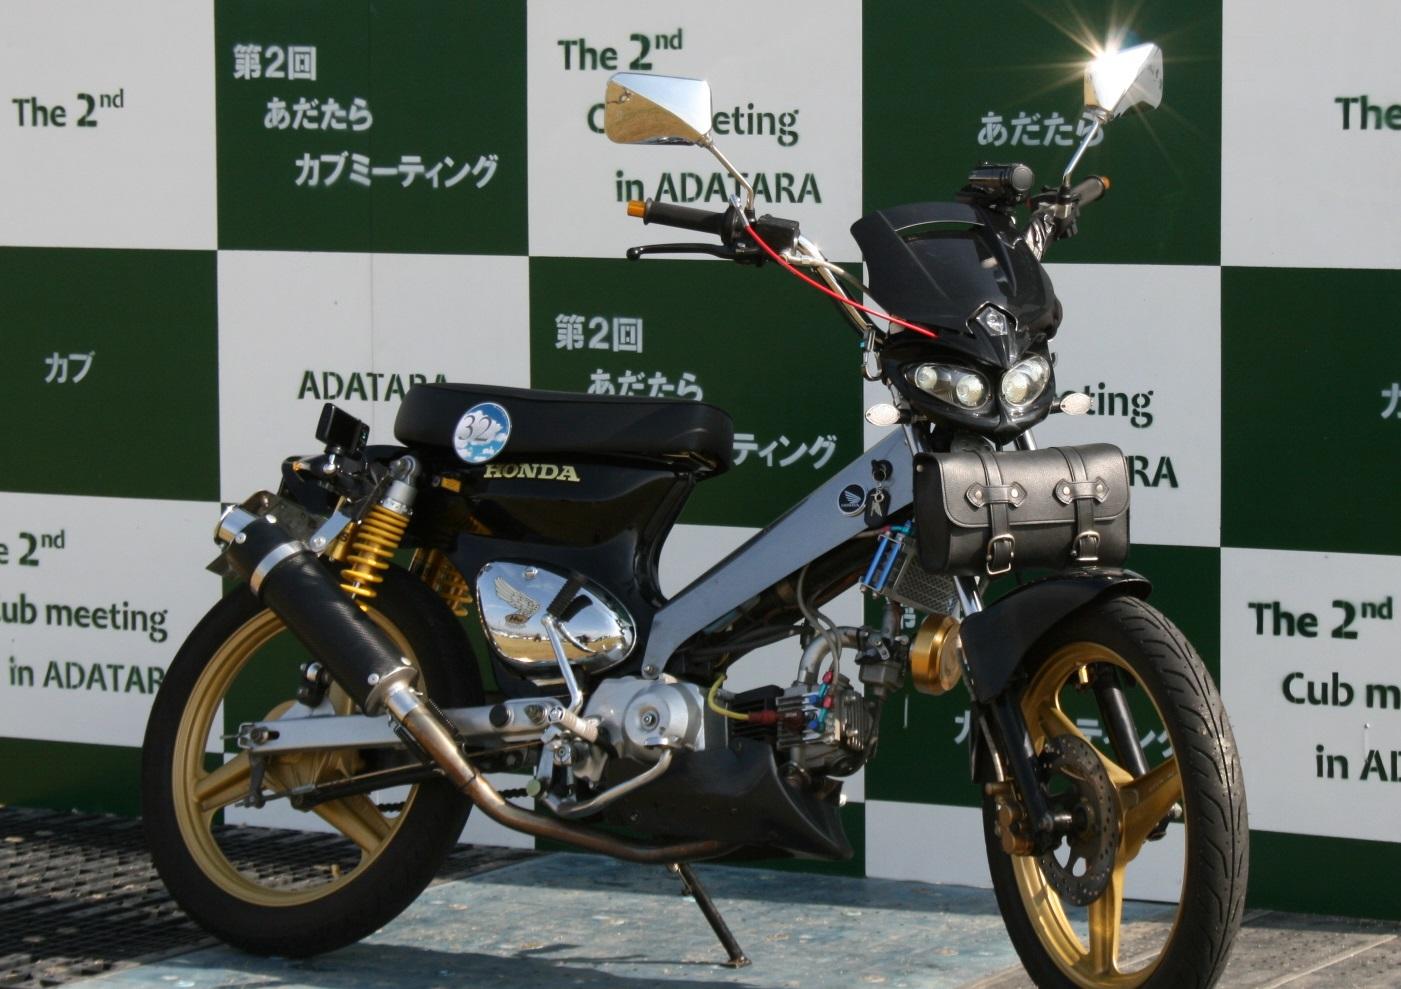 日本のTHEお仕事バイク!長年愛されるカブ110をカスタム!!のサムネイル画像